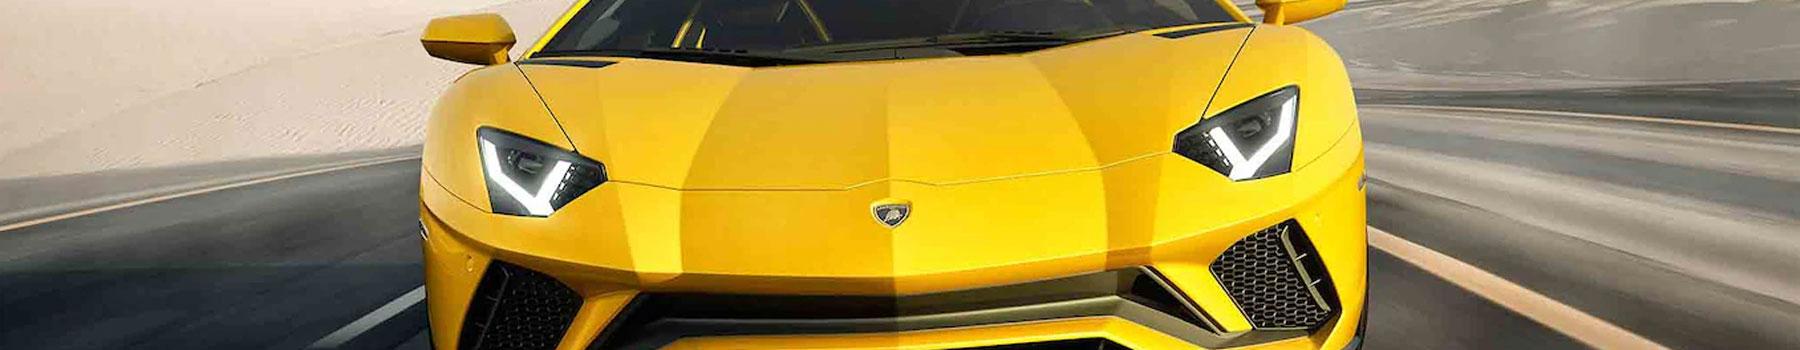 Shop OEM Lamborghini Touch Up Paint